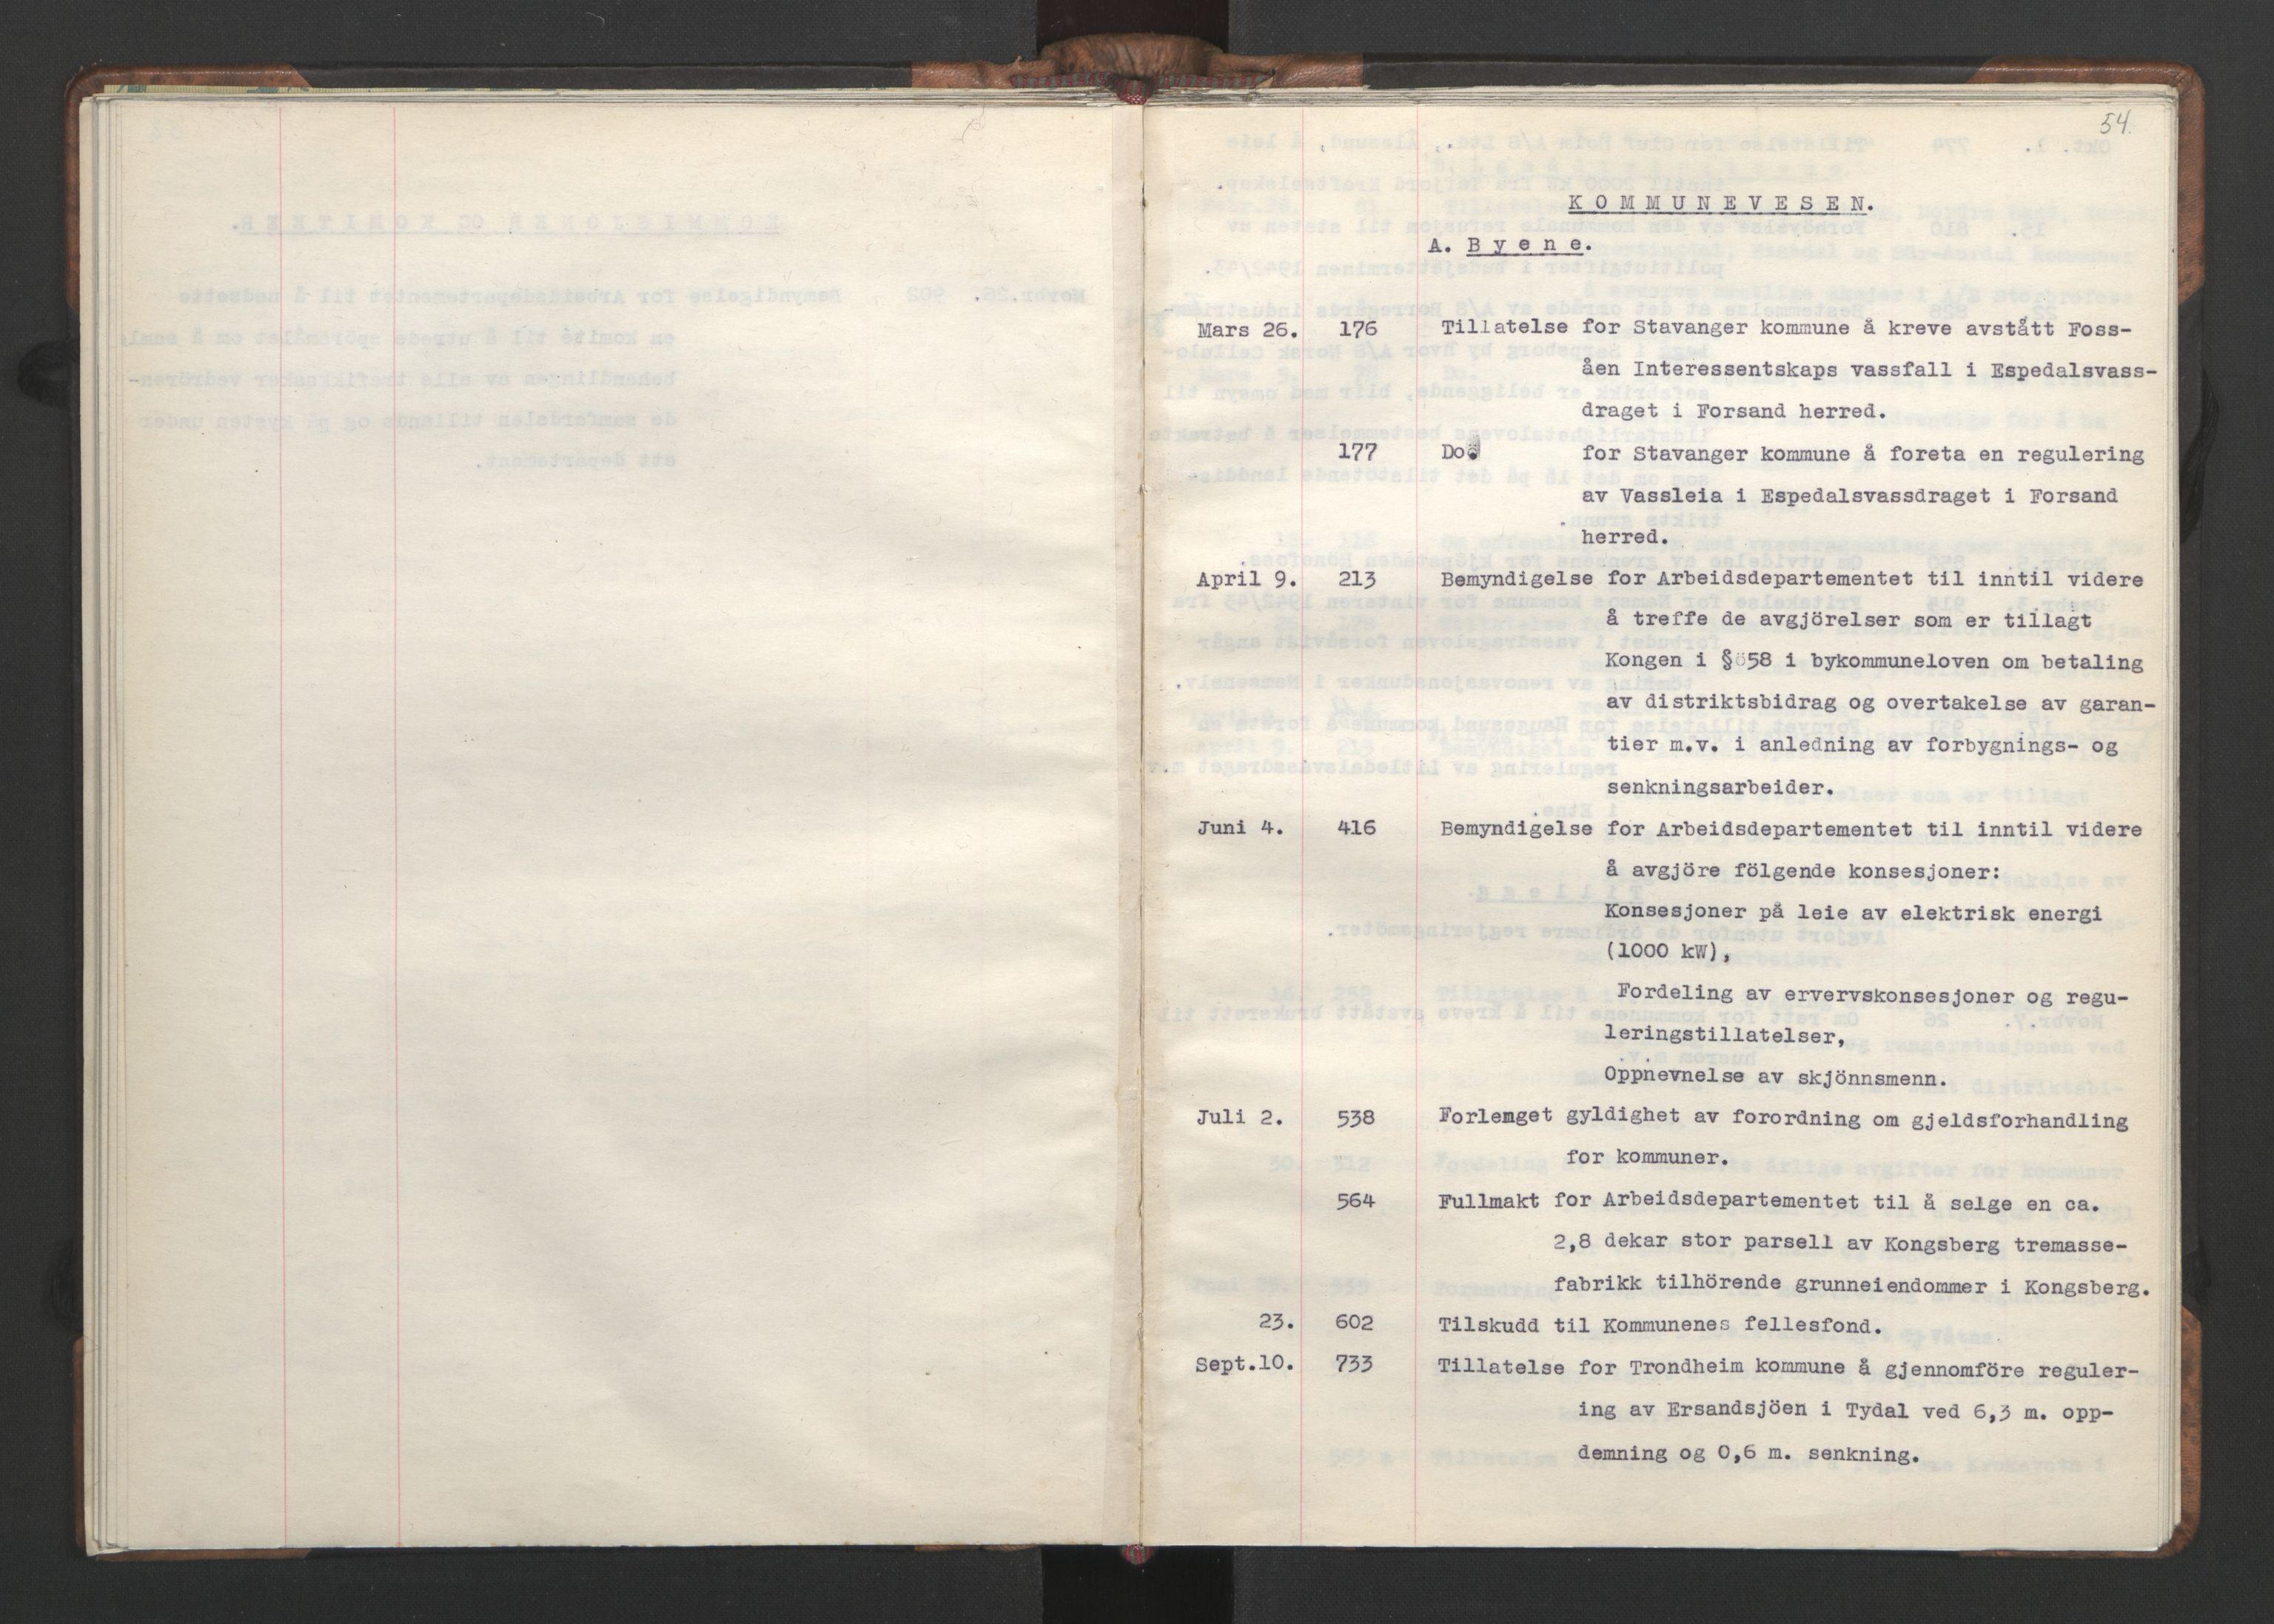 RA, NS-administrasjonen 1940-1945 (Statsrådsekretariatet, de kommisariske statsråder mm), D/Da/L0002: Register (RA j.nr. 985/1943, tilgangsnr. 17/1943), 1942, s. 53b-54a